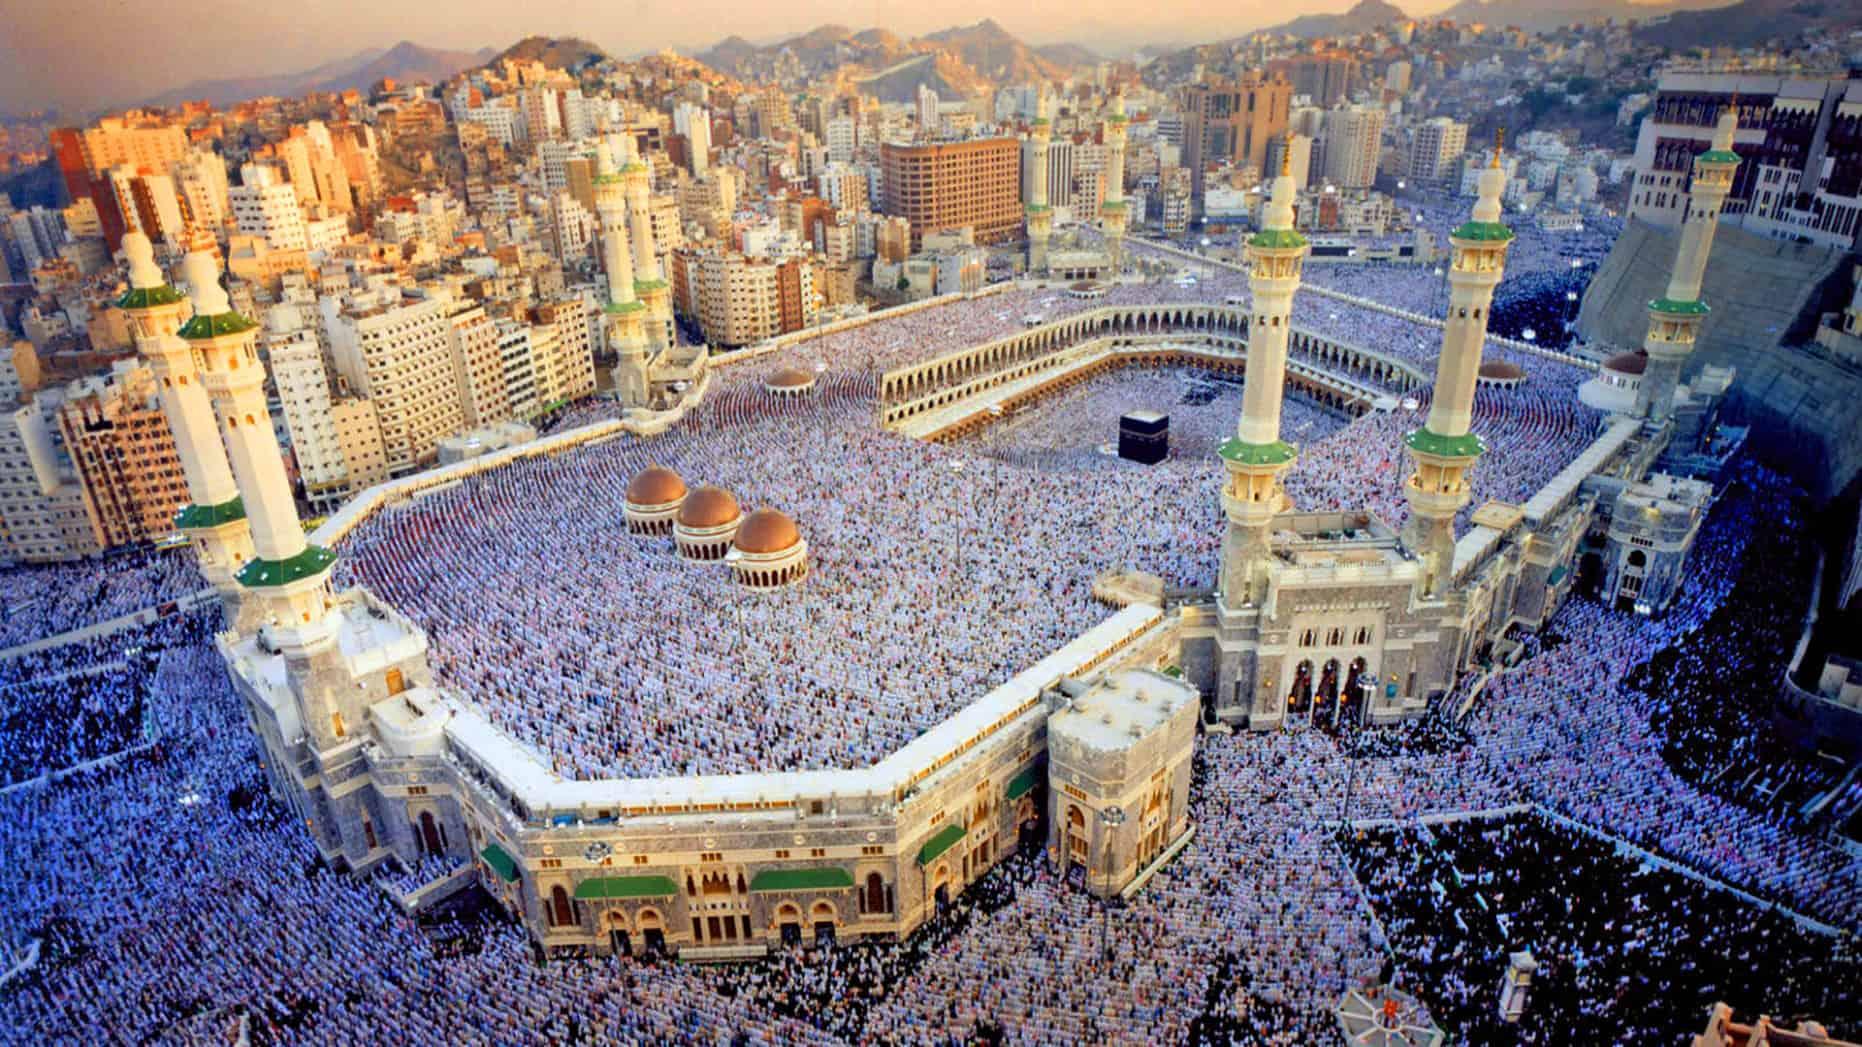 Penjelasan Hadits Larangan Jual Beli di Masjid | bimbinganislam.com